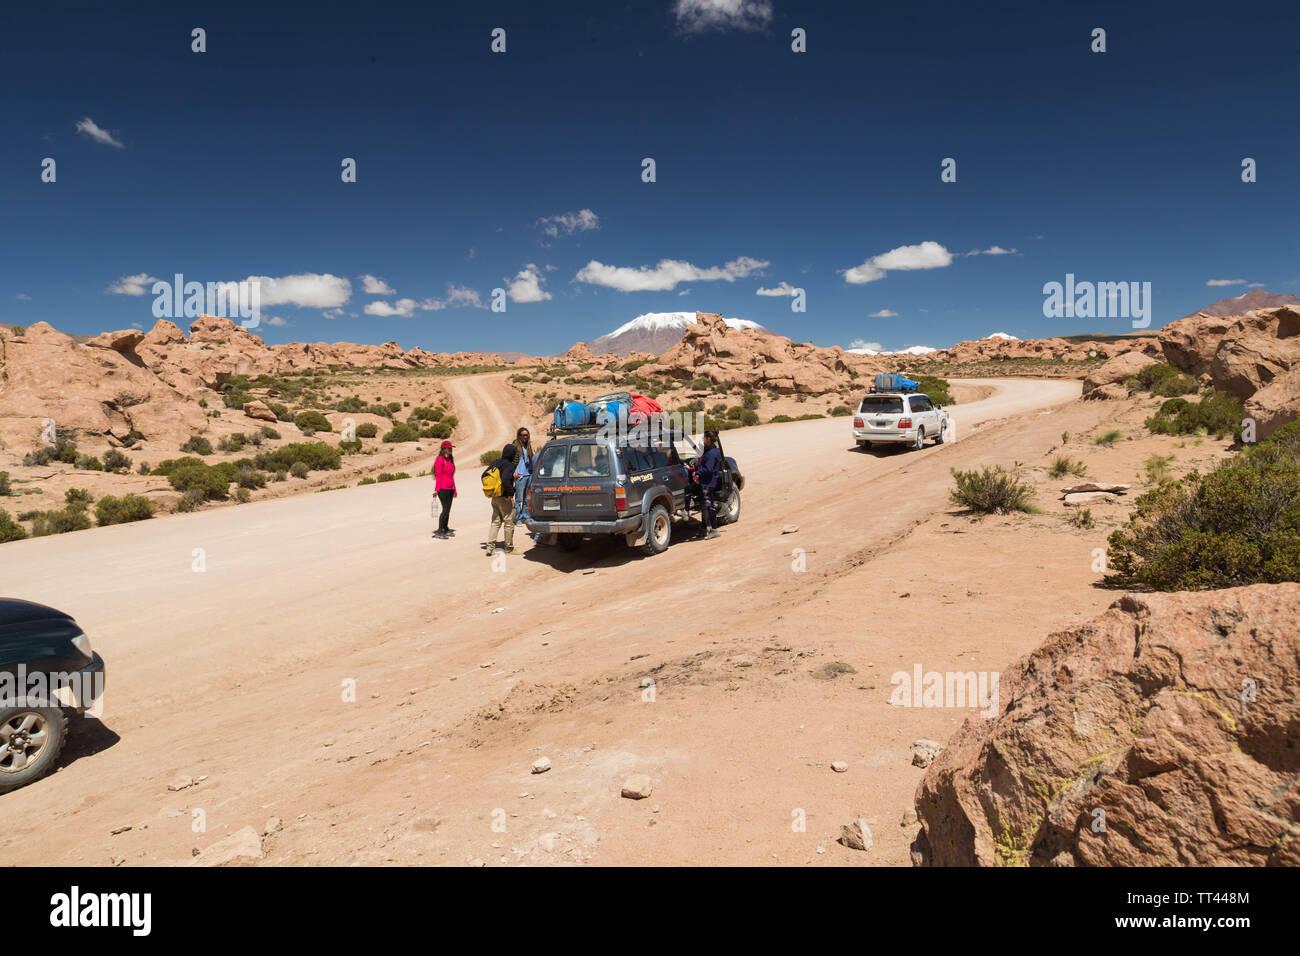 Jeepfahrt in Bolivien Wüste, Bolivien Stockfoto